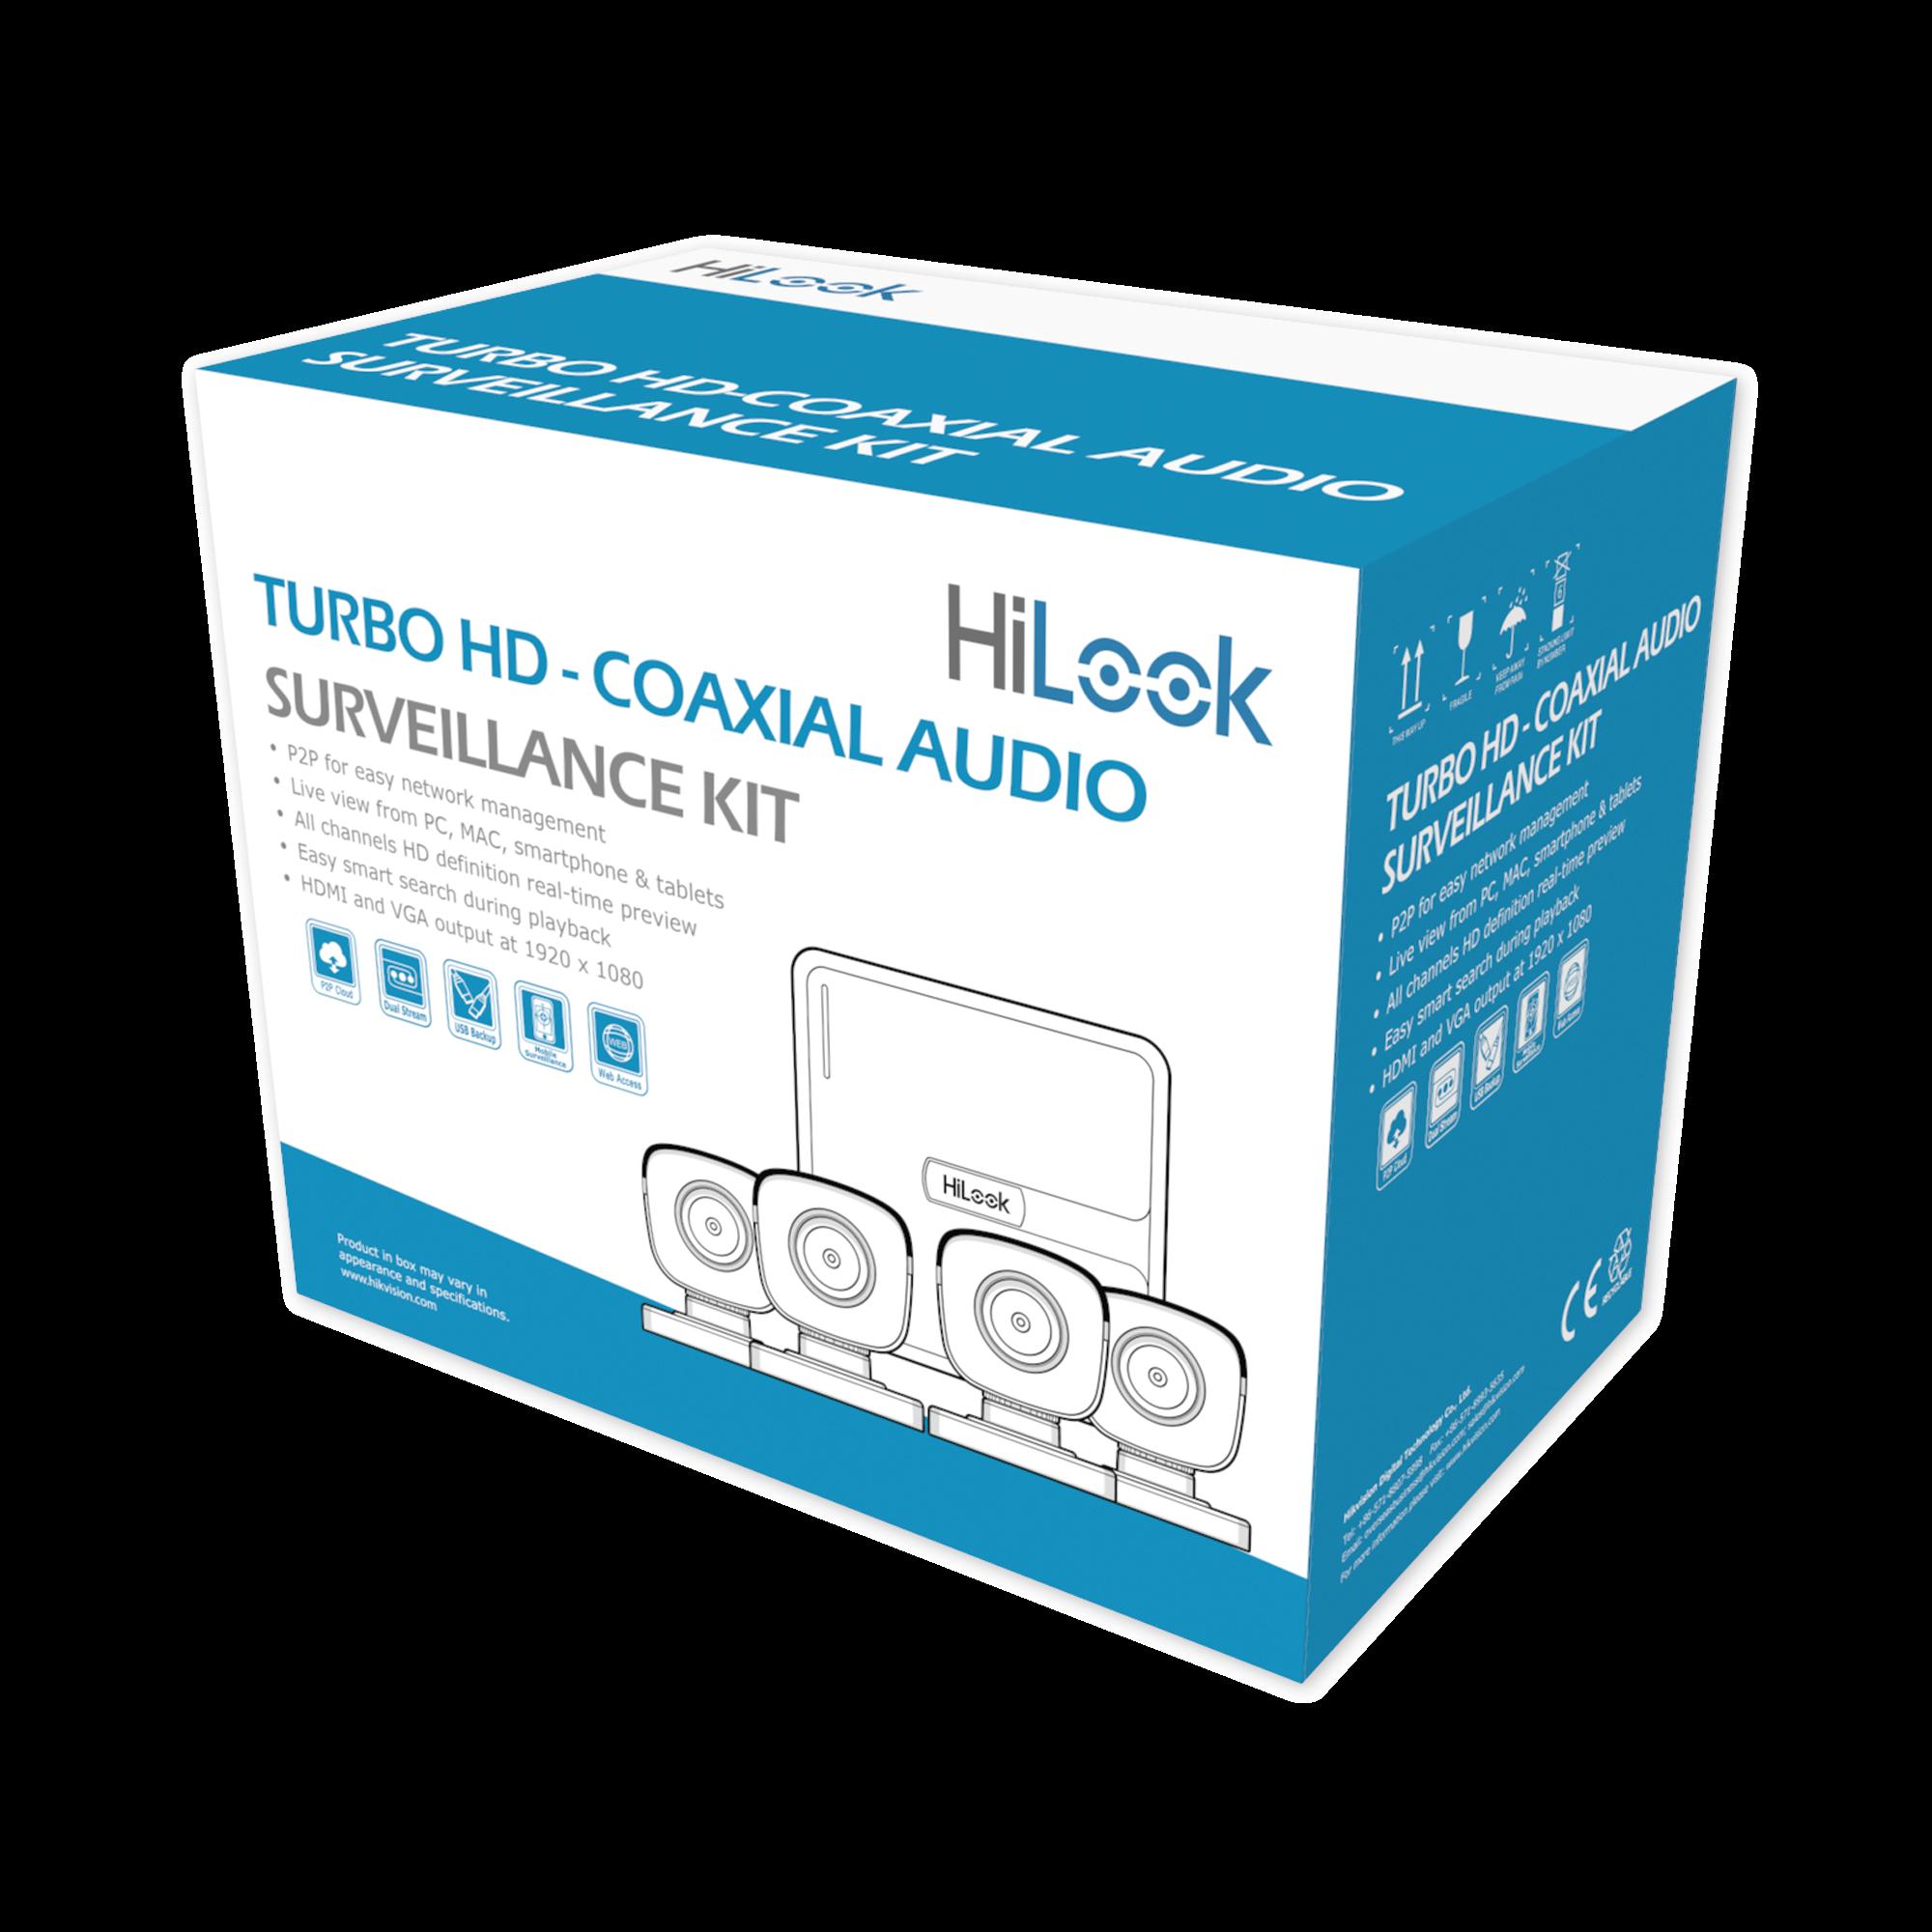 Kit TurboHD 1080p Lite / DVR 4 canales / Audio por Coaxitron / 4 Cámaras Bala de Policarbonato con Micrófono Integrado